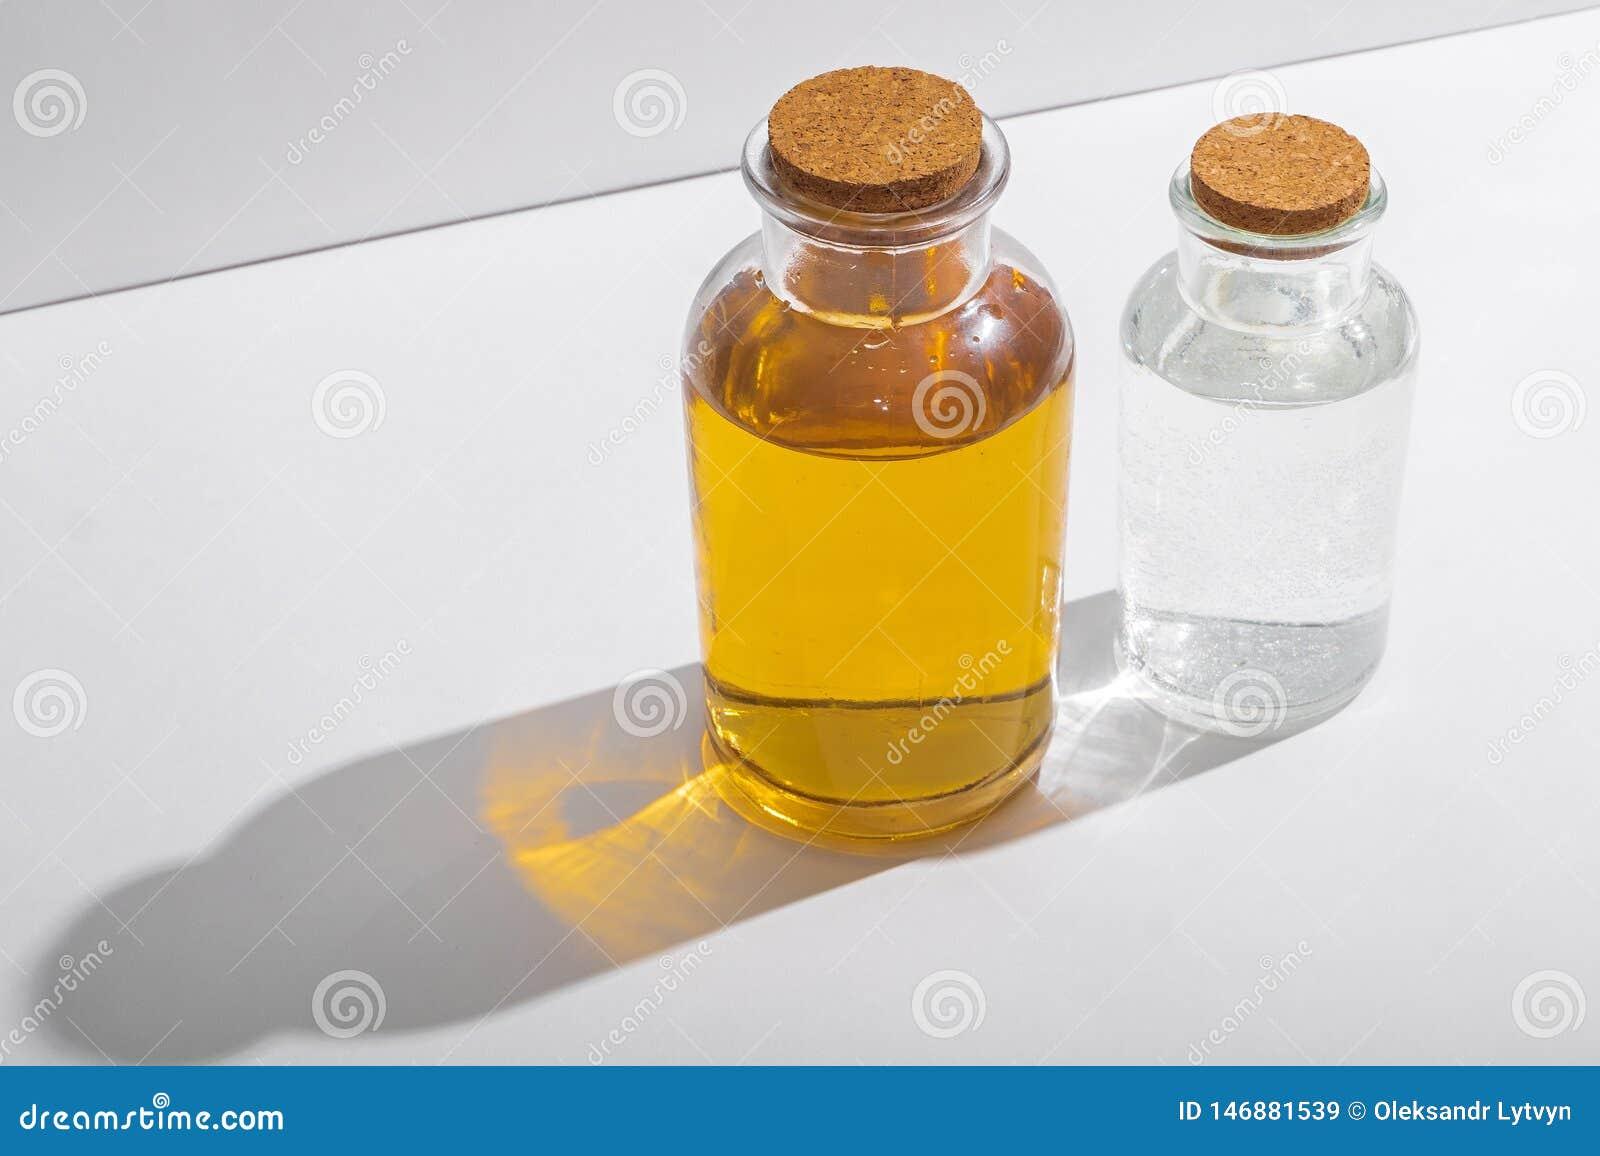 Glasflaschen mit Korkendeckeln auf einem wei?en Hintergrund, Seitenansicht